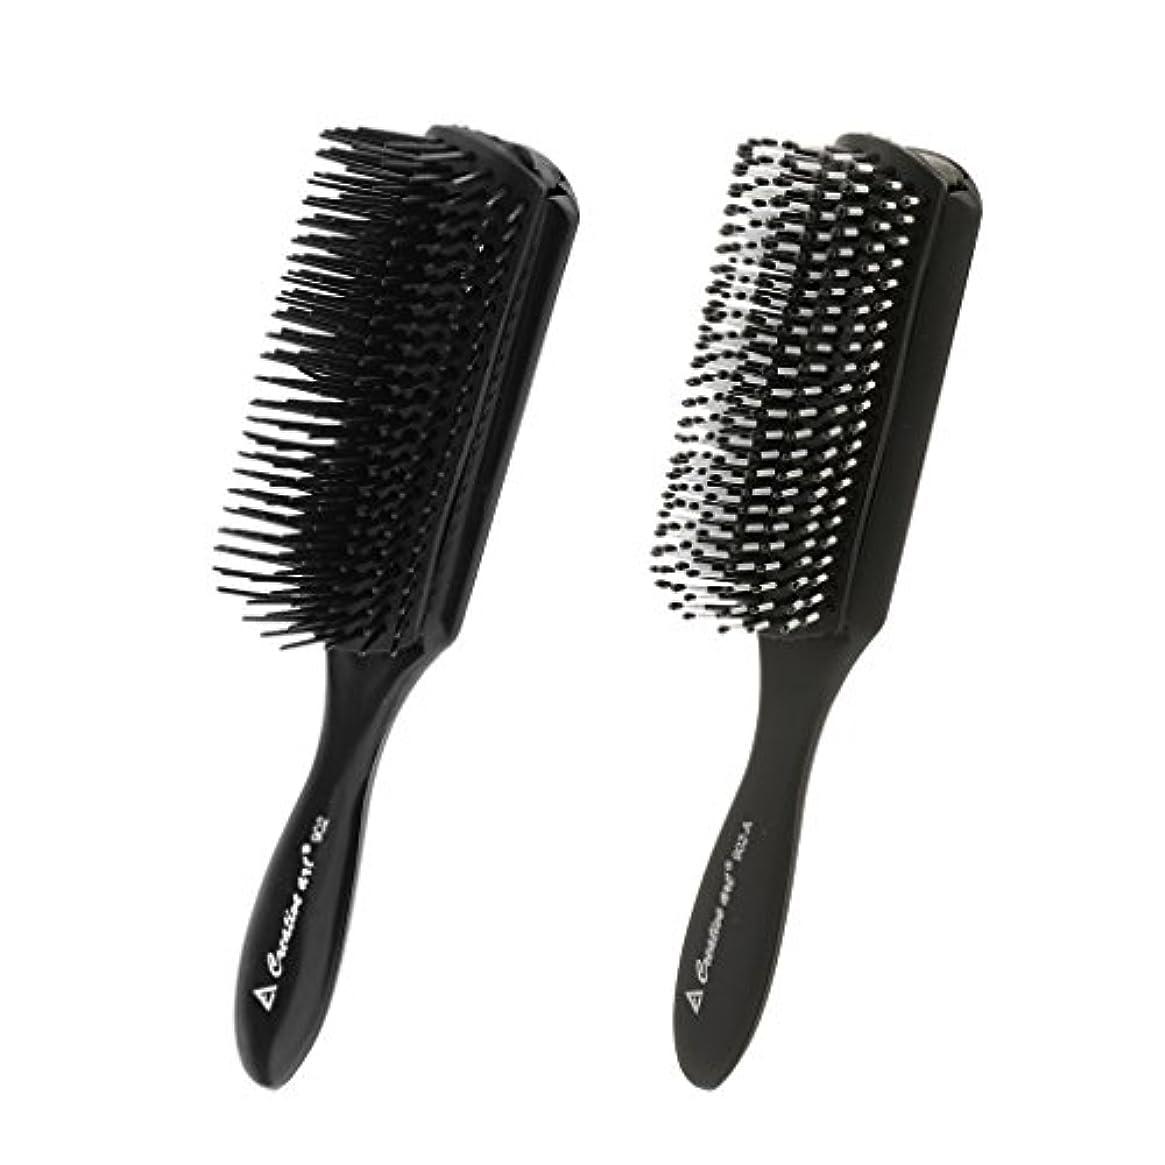 開拓者主人ハンドブックCUTICATE 2本の黒い髪のスタイリングの櫛頭皮マッサージブラシサロン理髪用